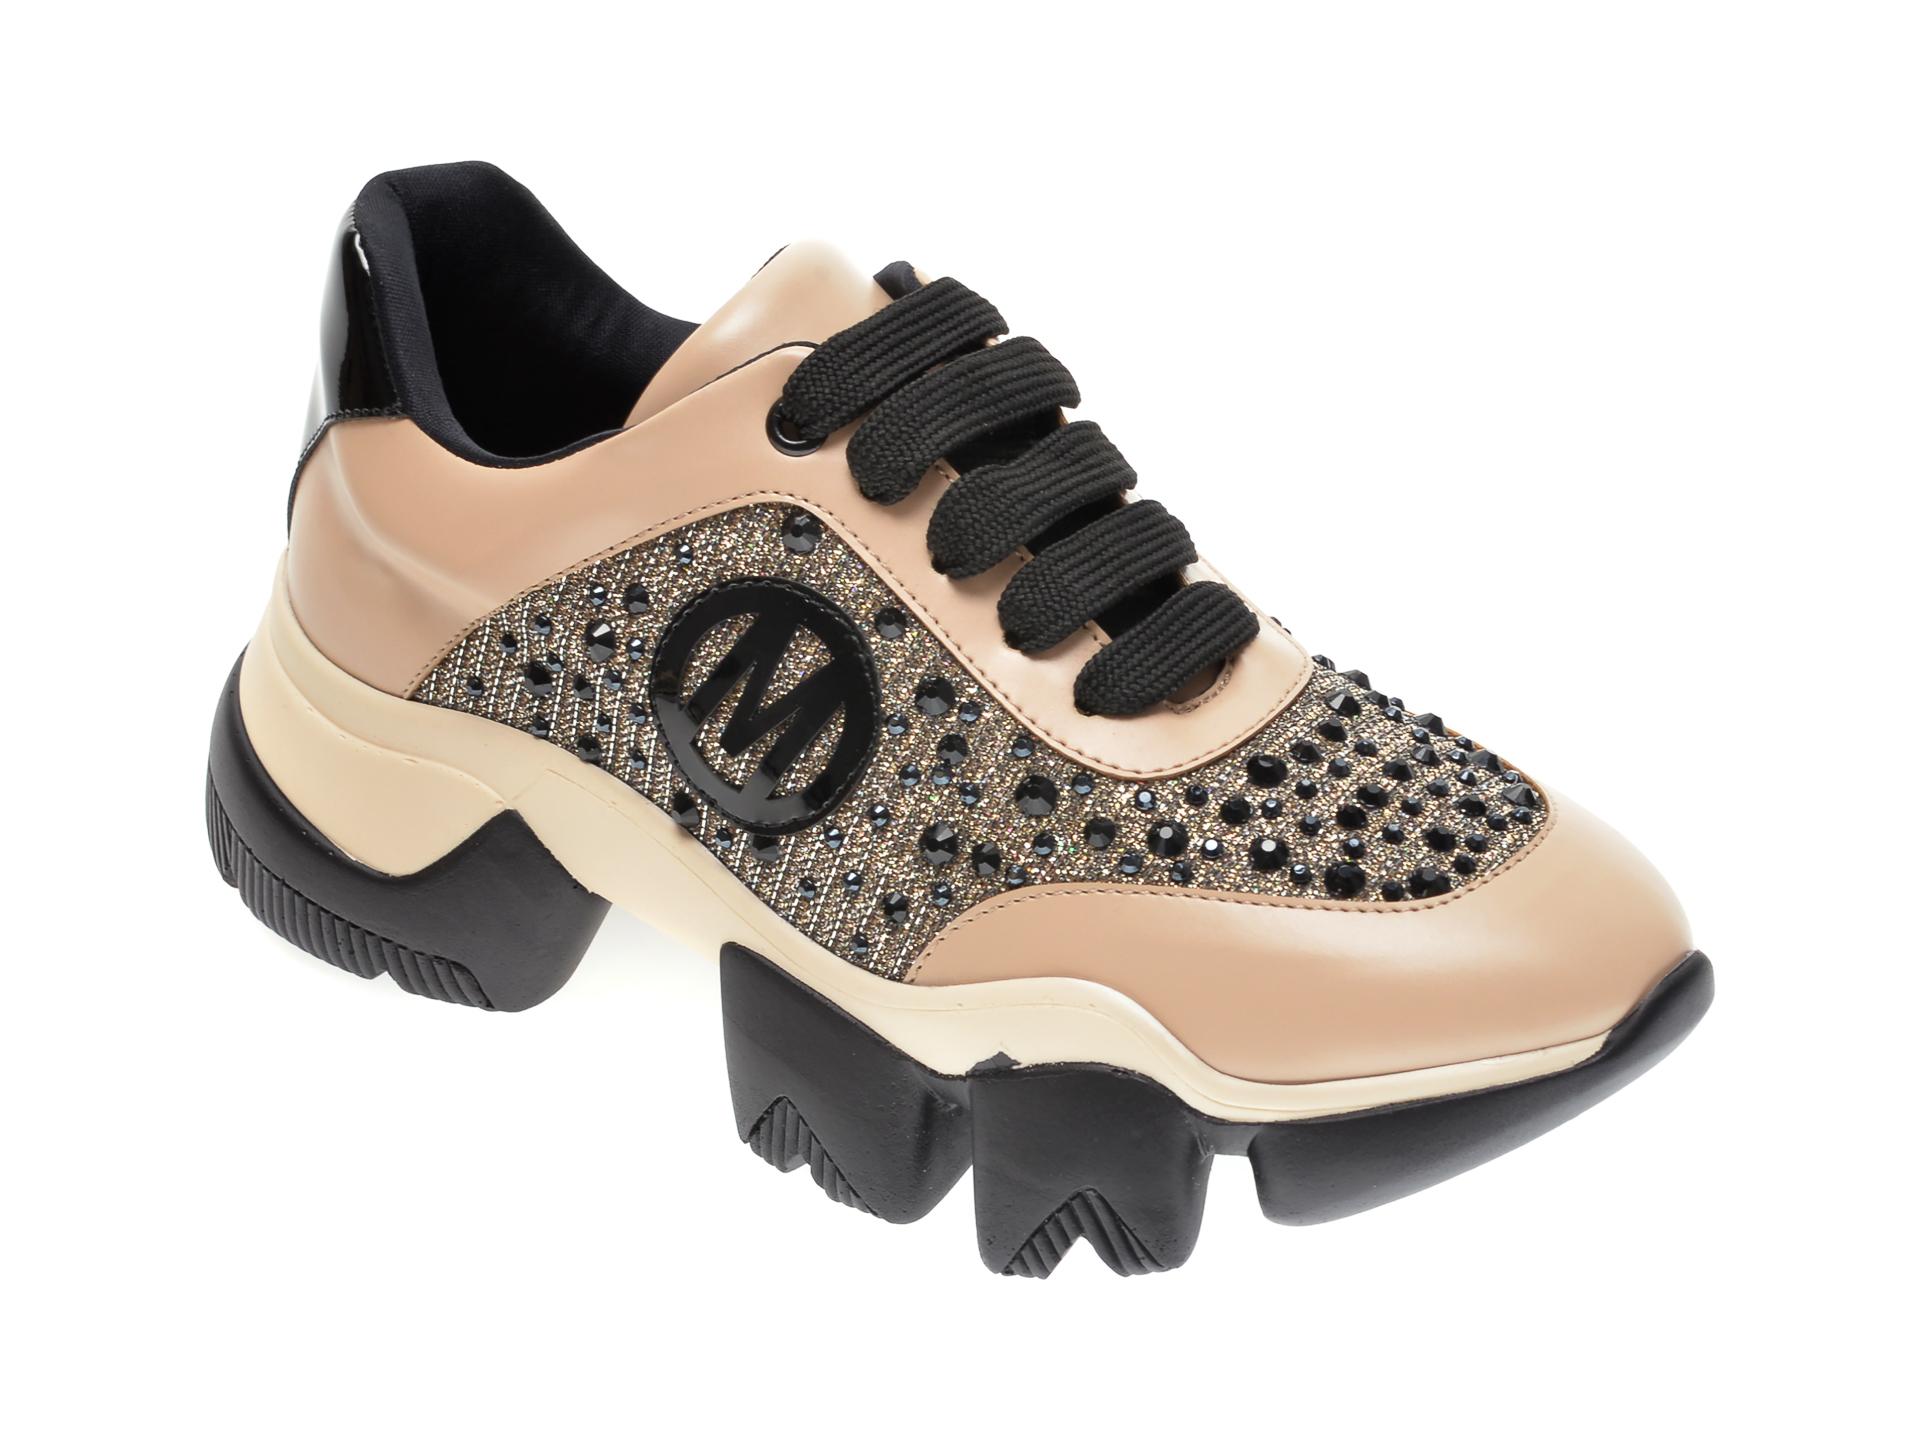 Pantofi sport GRYXX bej, MO9950, din piele ecologica New